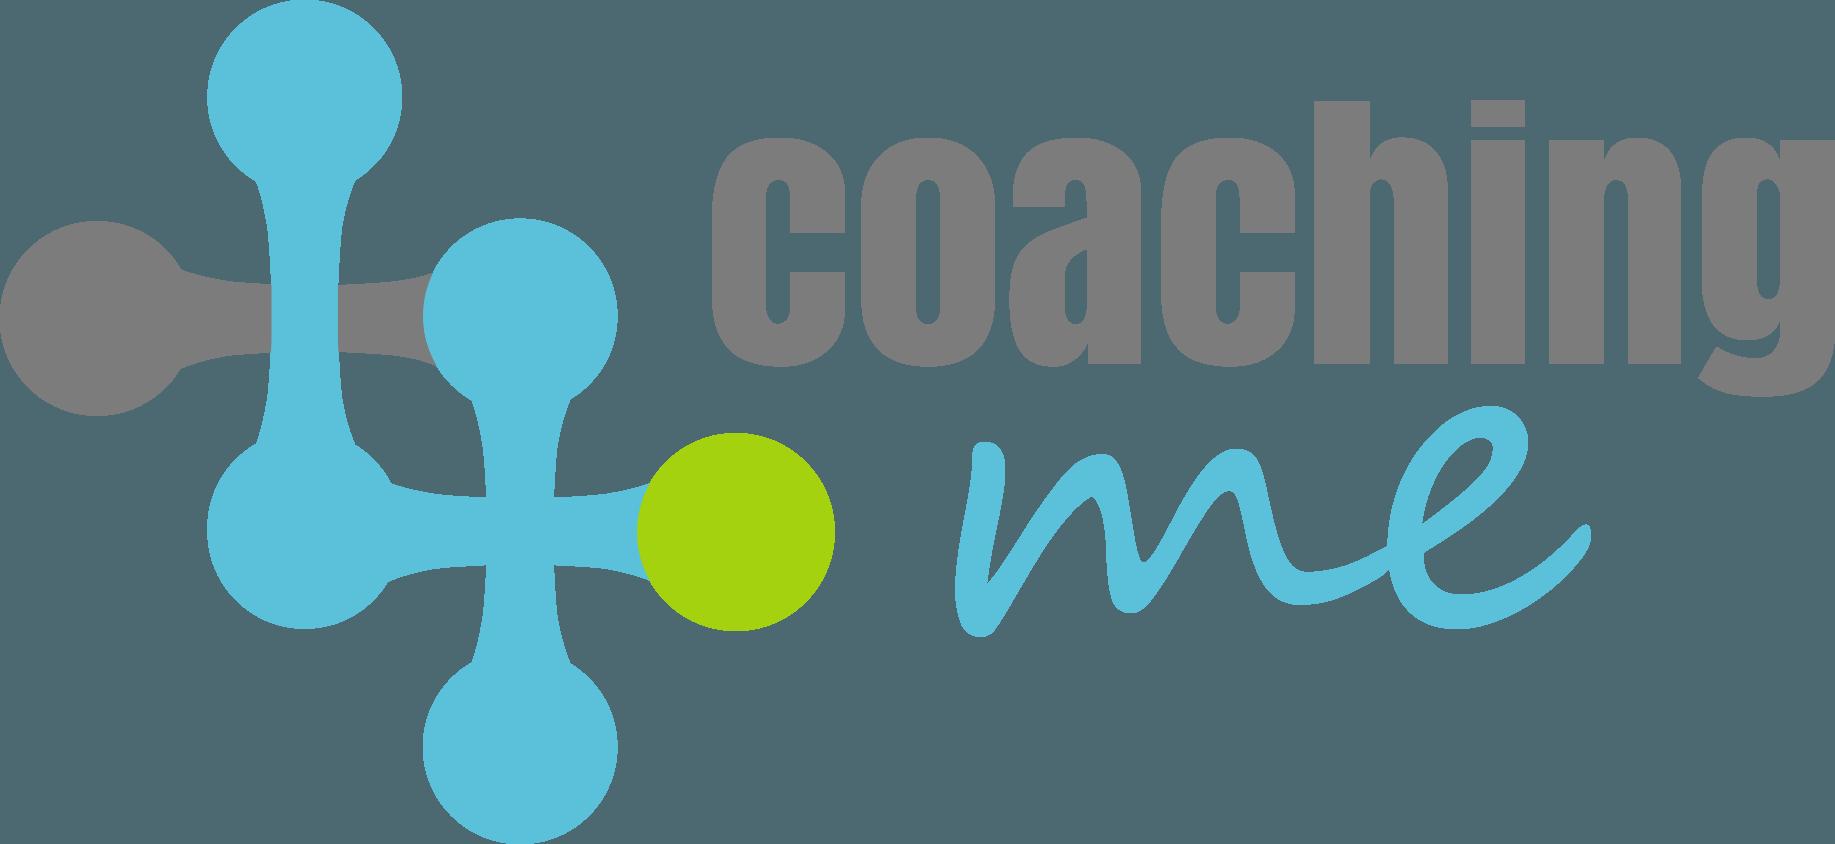 LOGO coaching4me